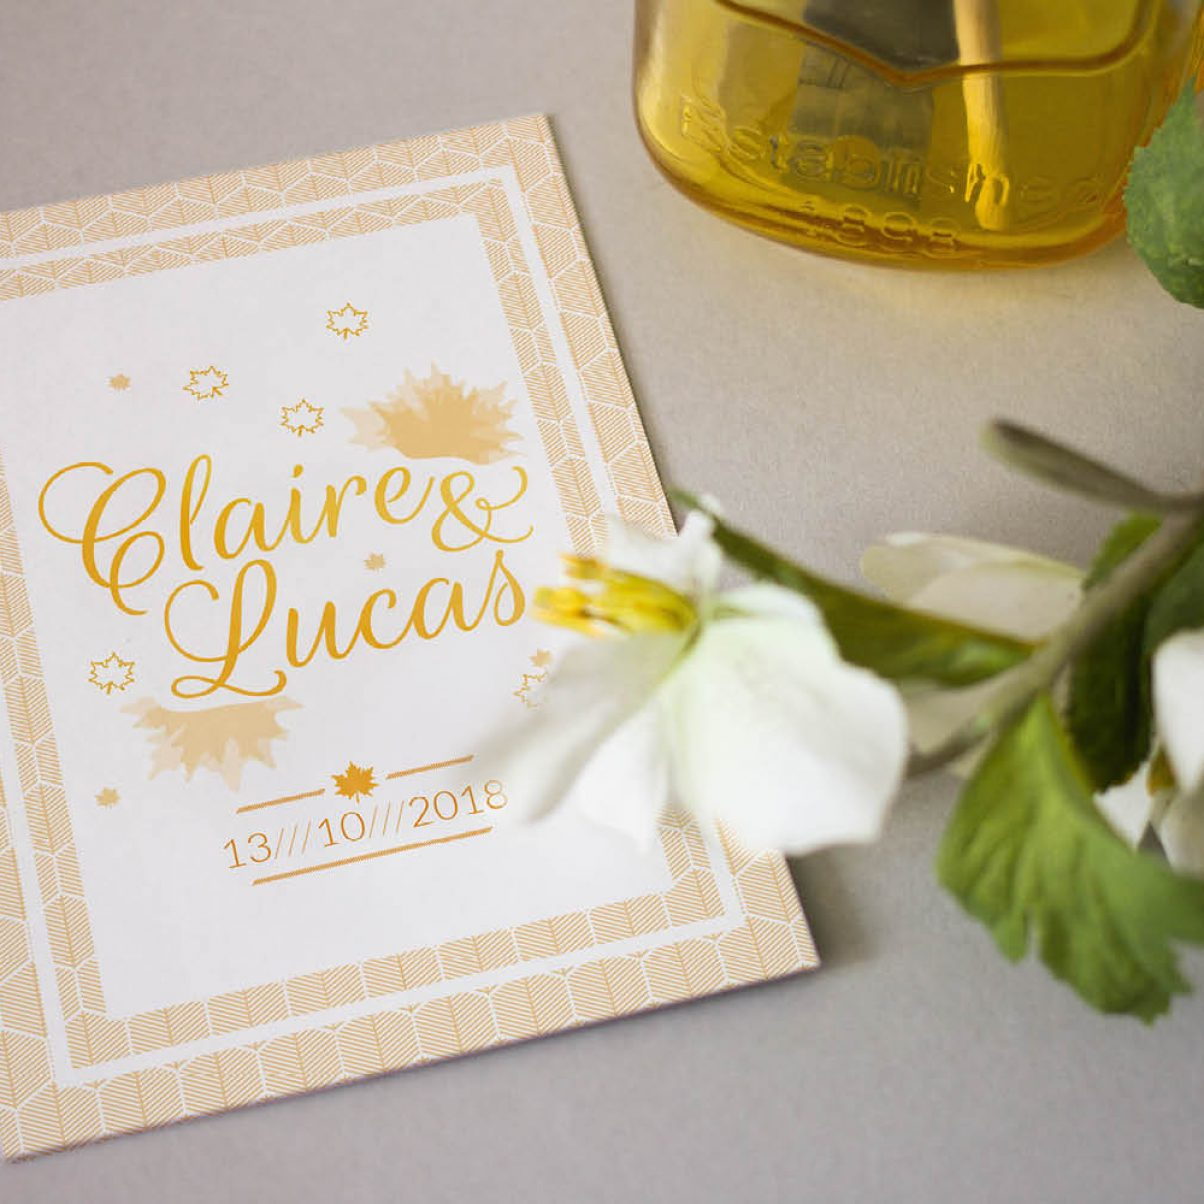 Le Faire-Part de mariage de Claire & Lucas